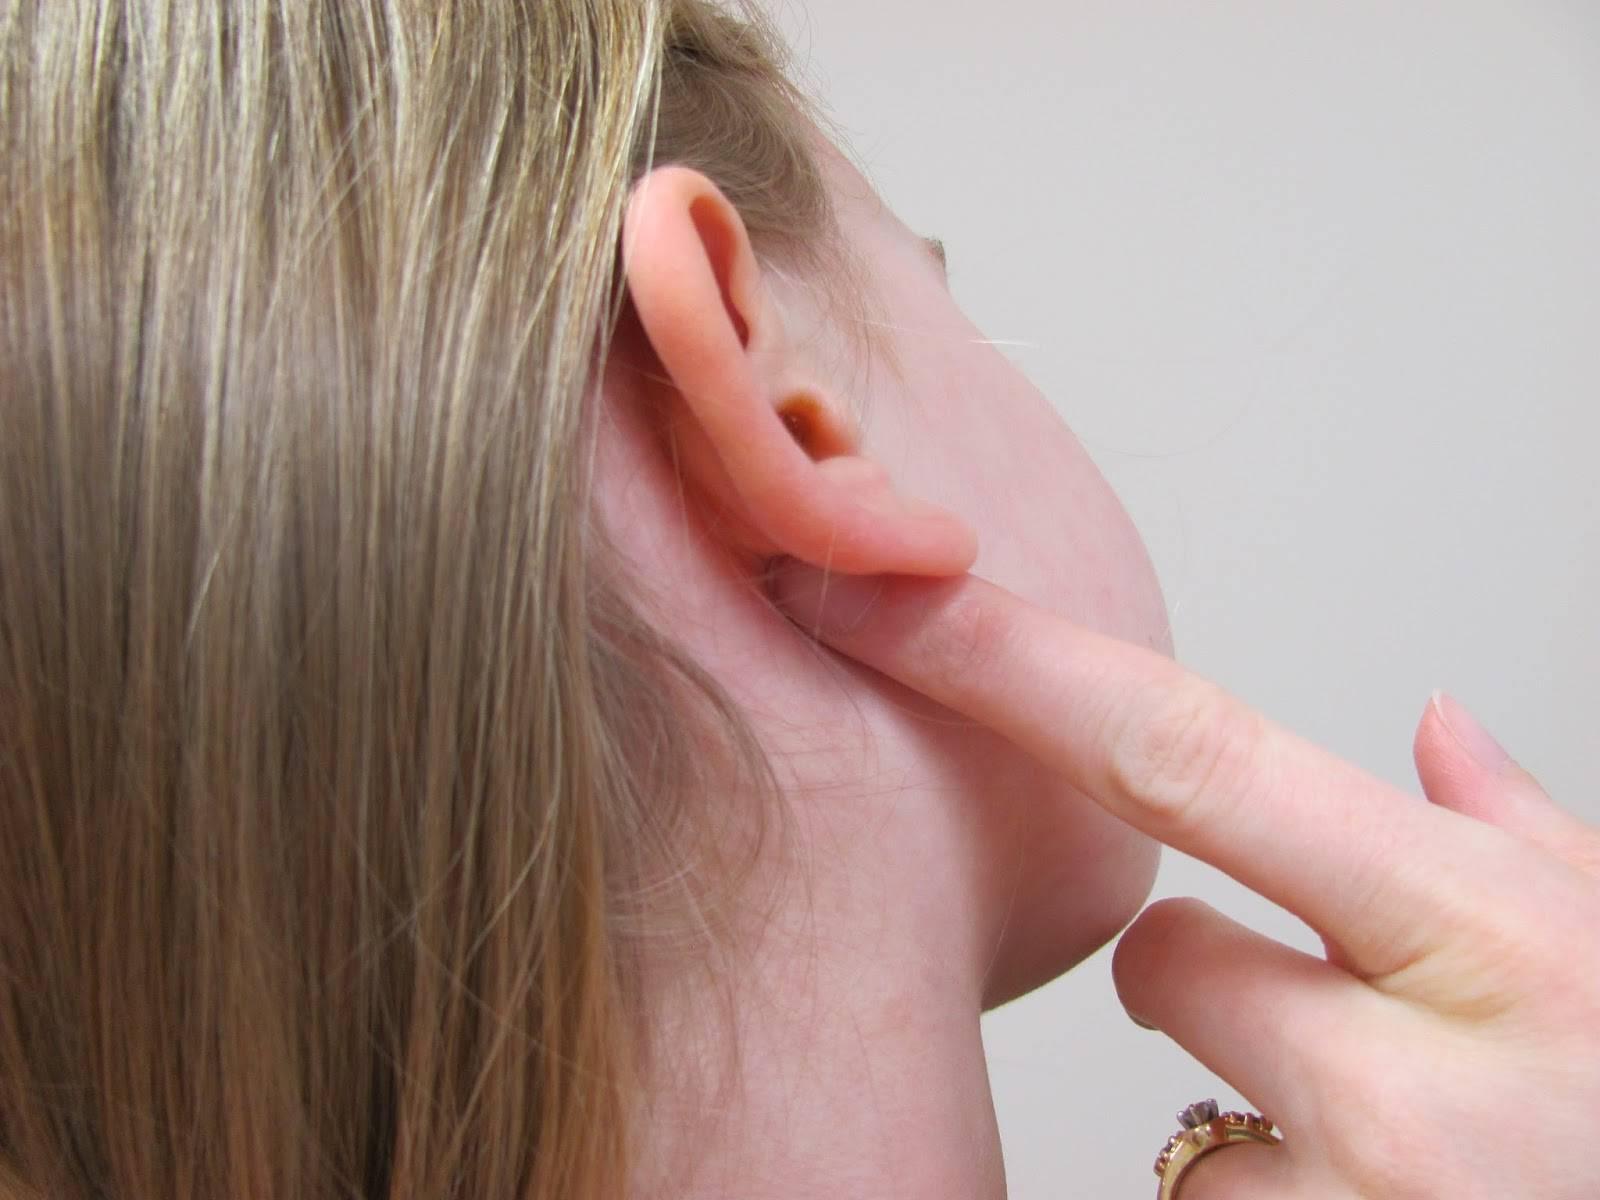 болит за ушами при нажатии